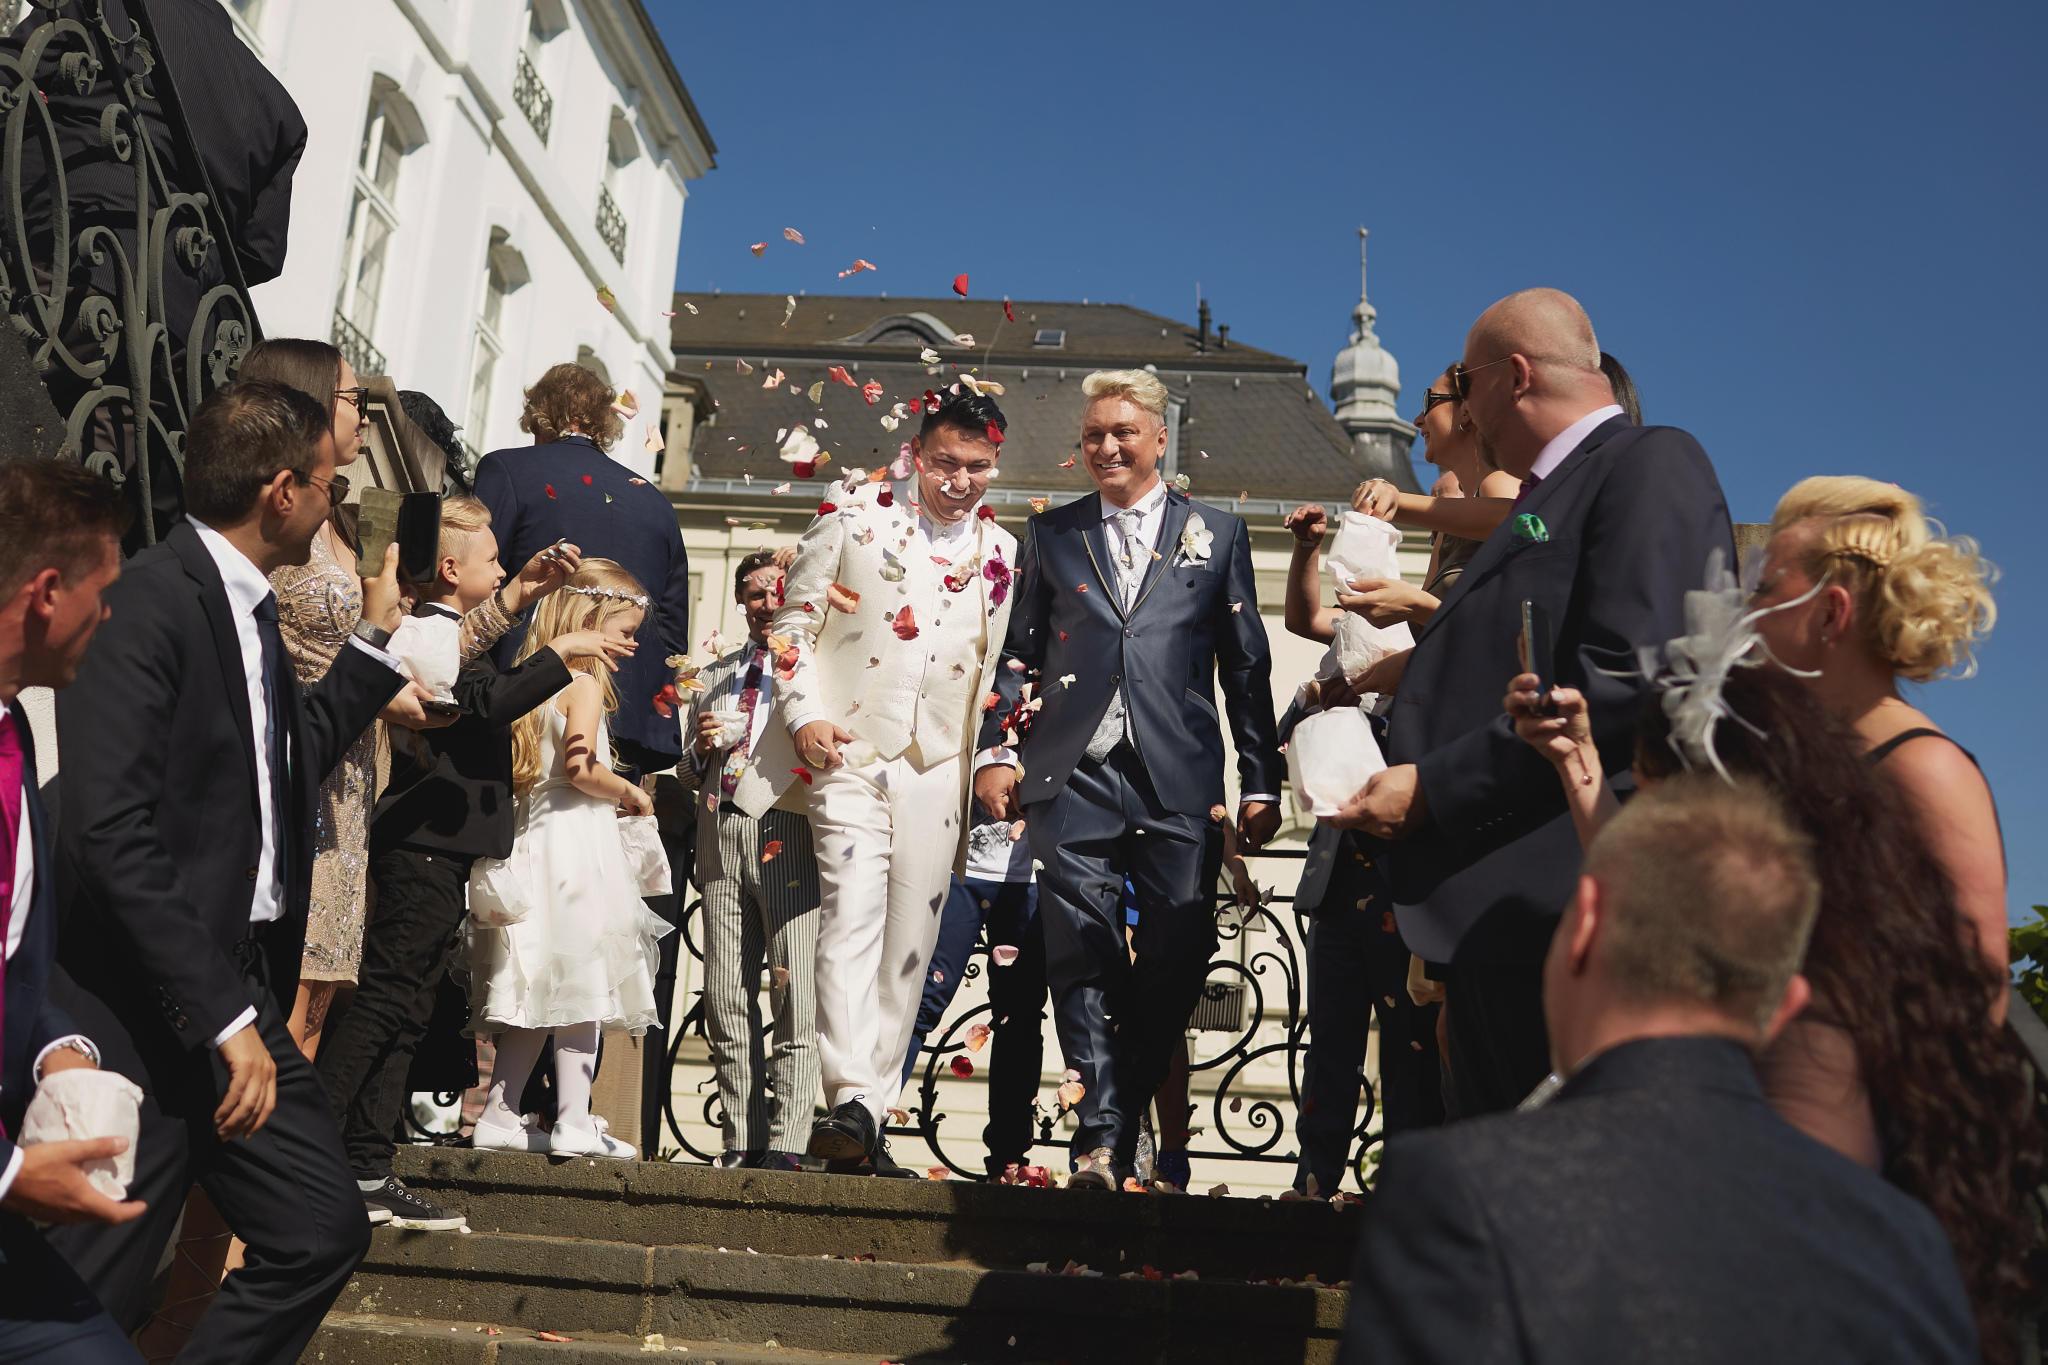 Matthias Und Hubert Hochzeit  Hubert und Matthias So romantisch was das Ja Wort